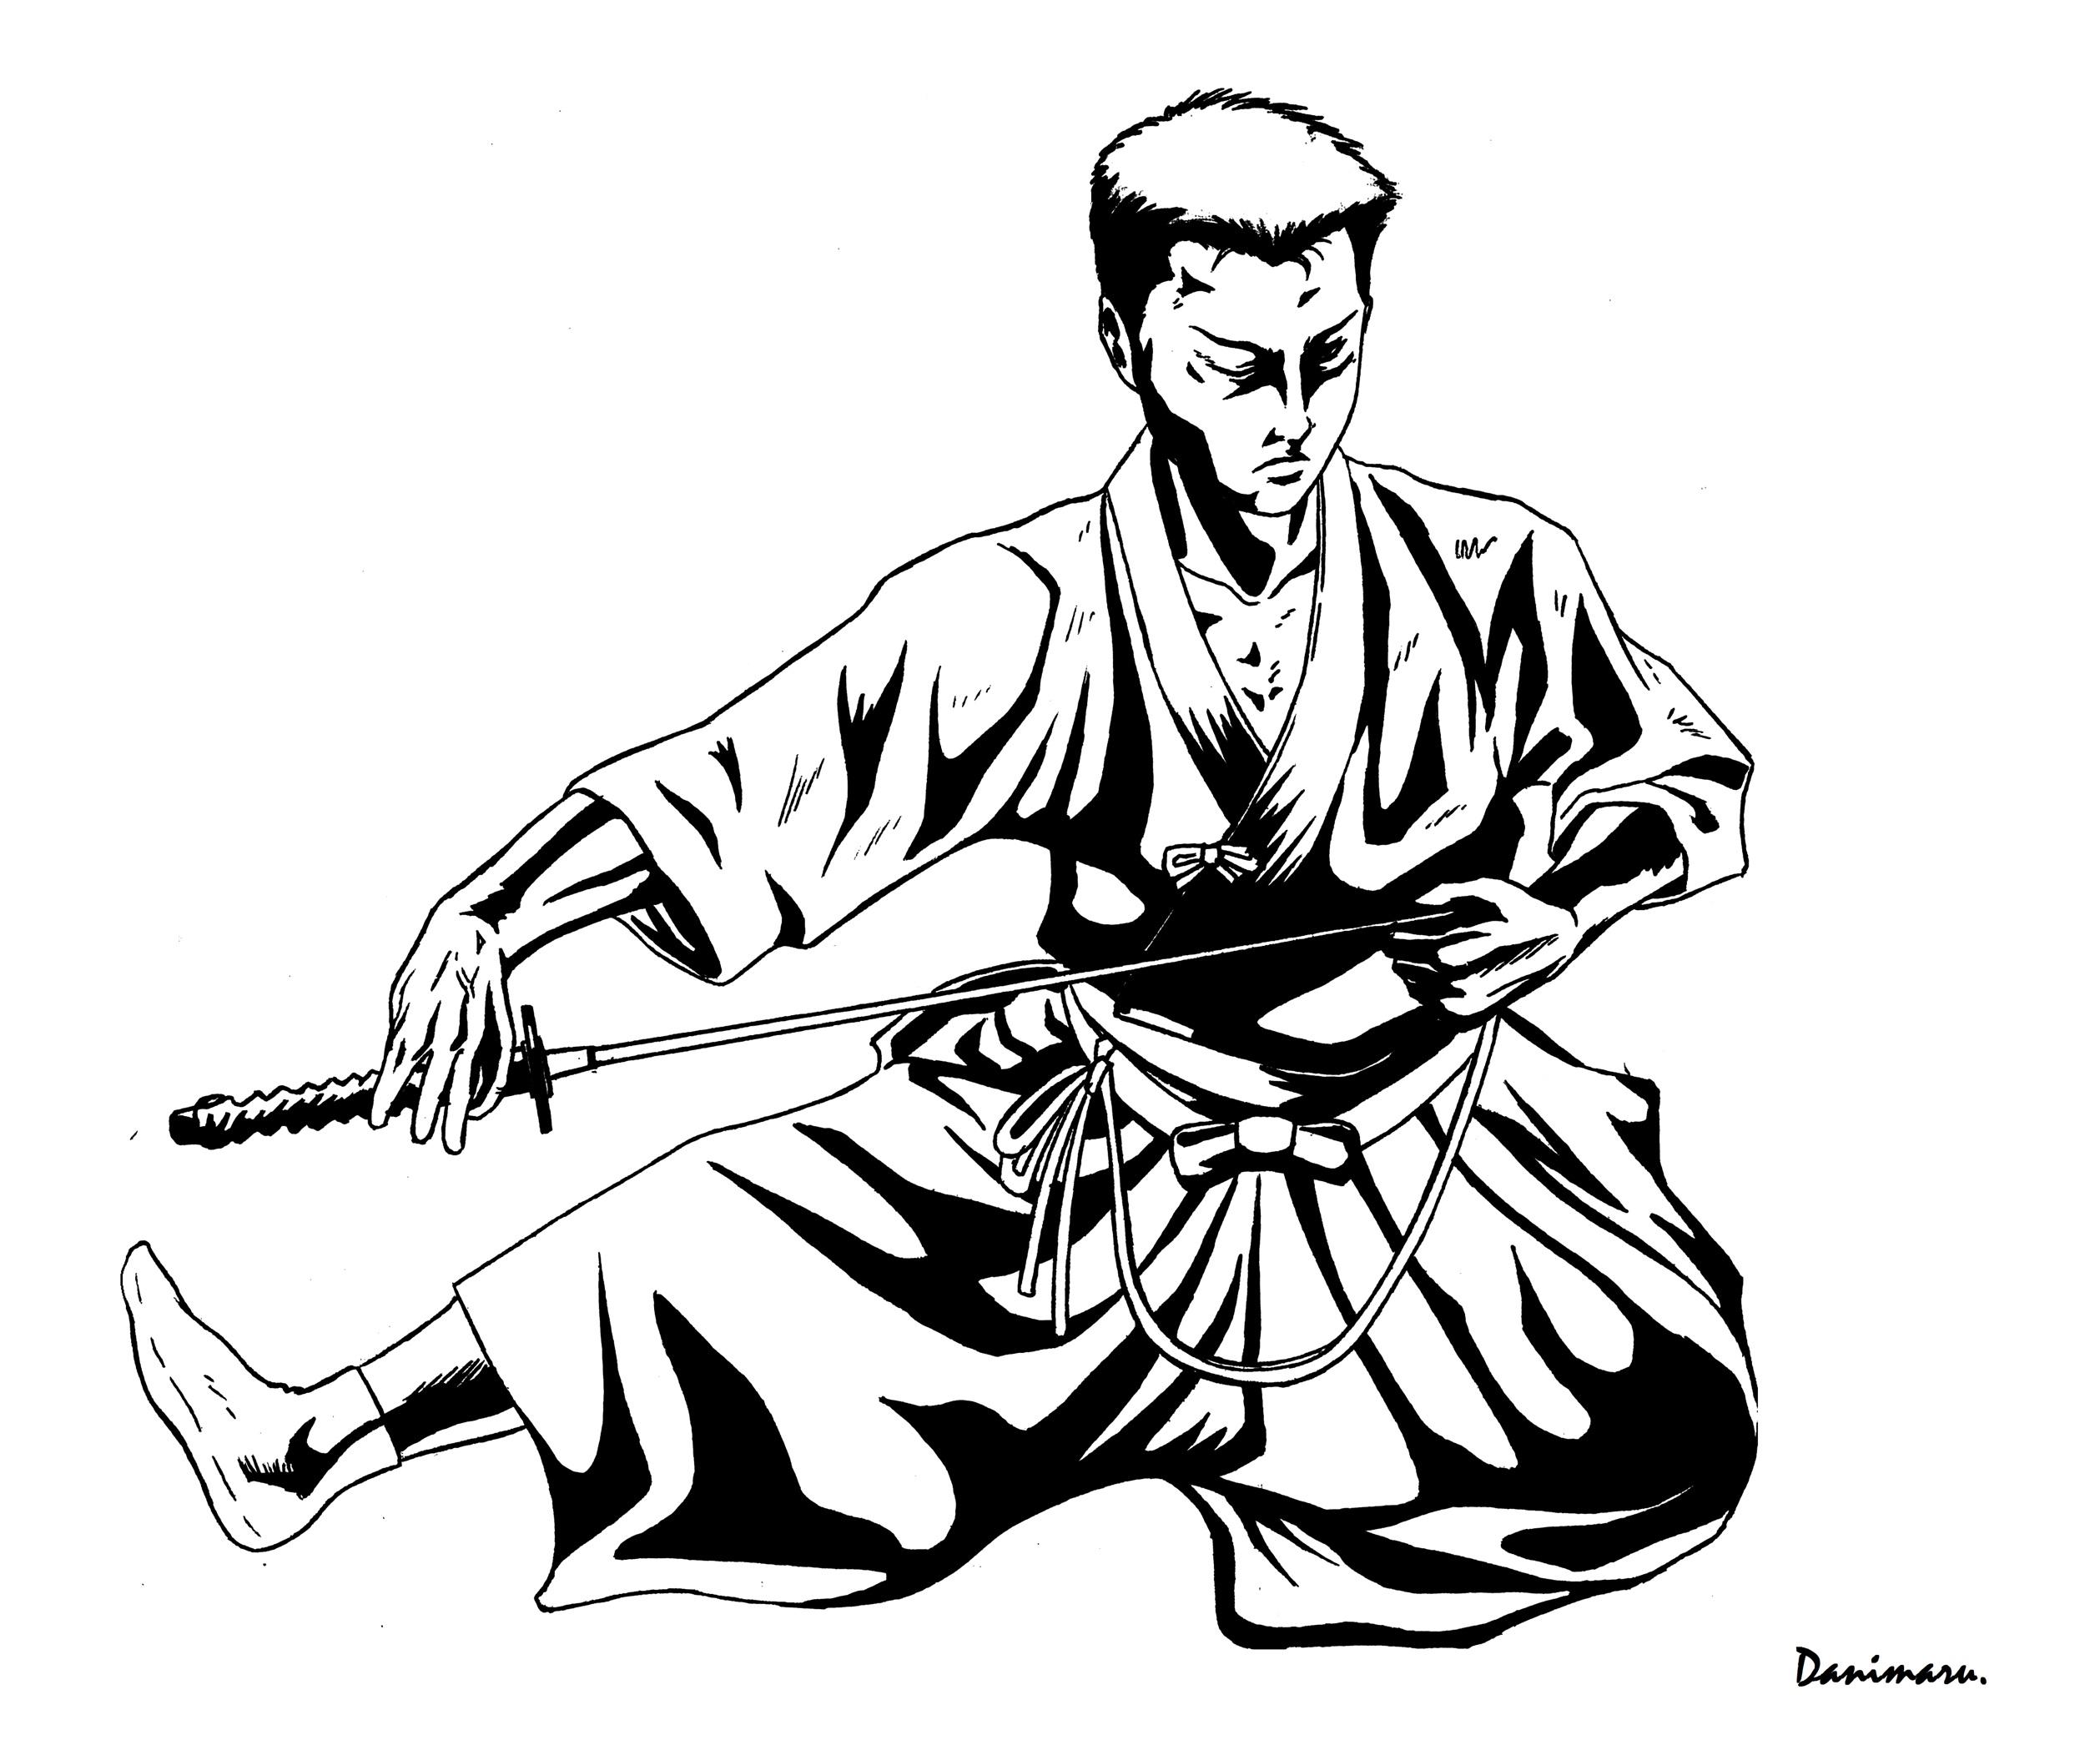 noto, una nueva viñeta de Daniel Kogan, aka Danimaru. Esta vez, una ilustración sobre Iaido aprovechando el V Campeonato de España que acabamos de celebrar. Toma SEO